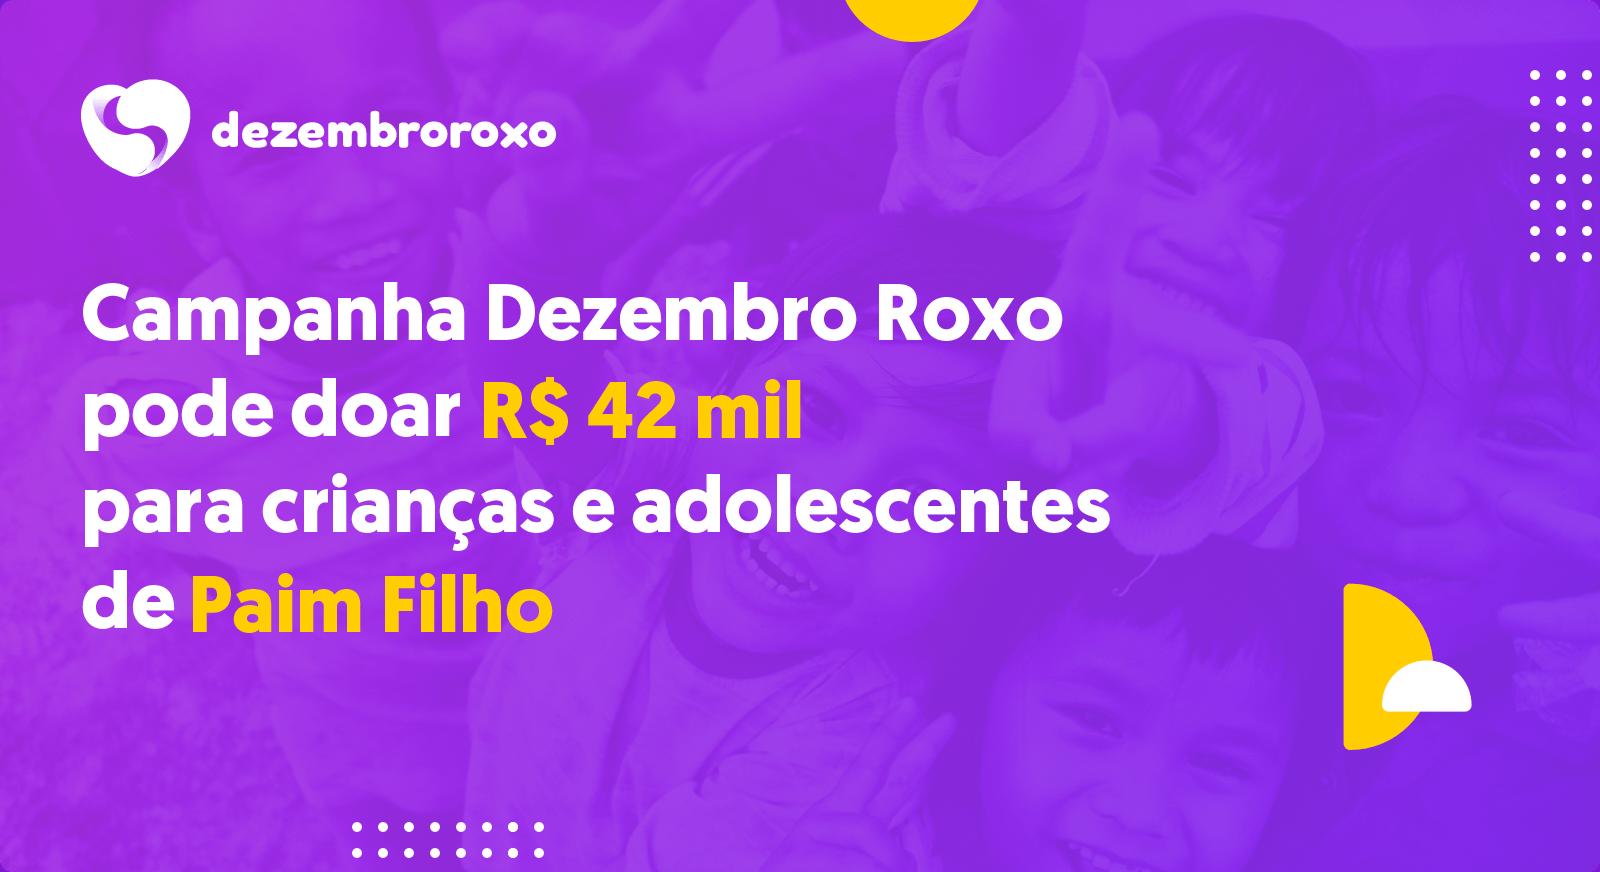 Doações em Paim Filho - RS